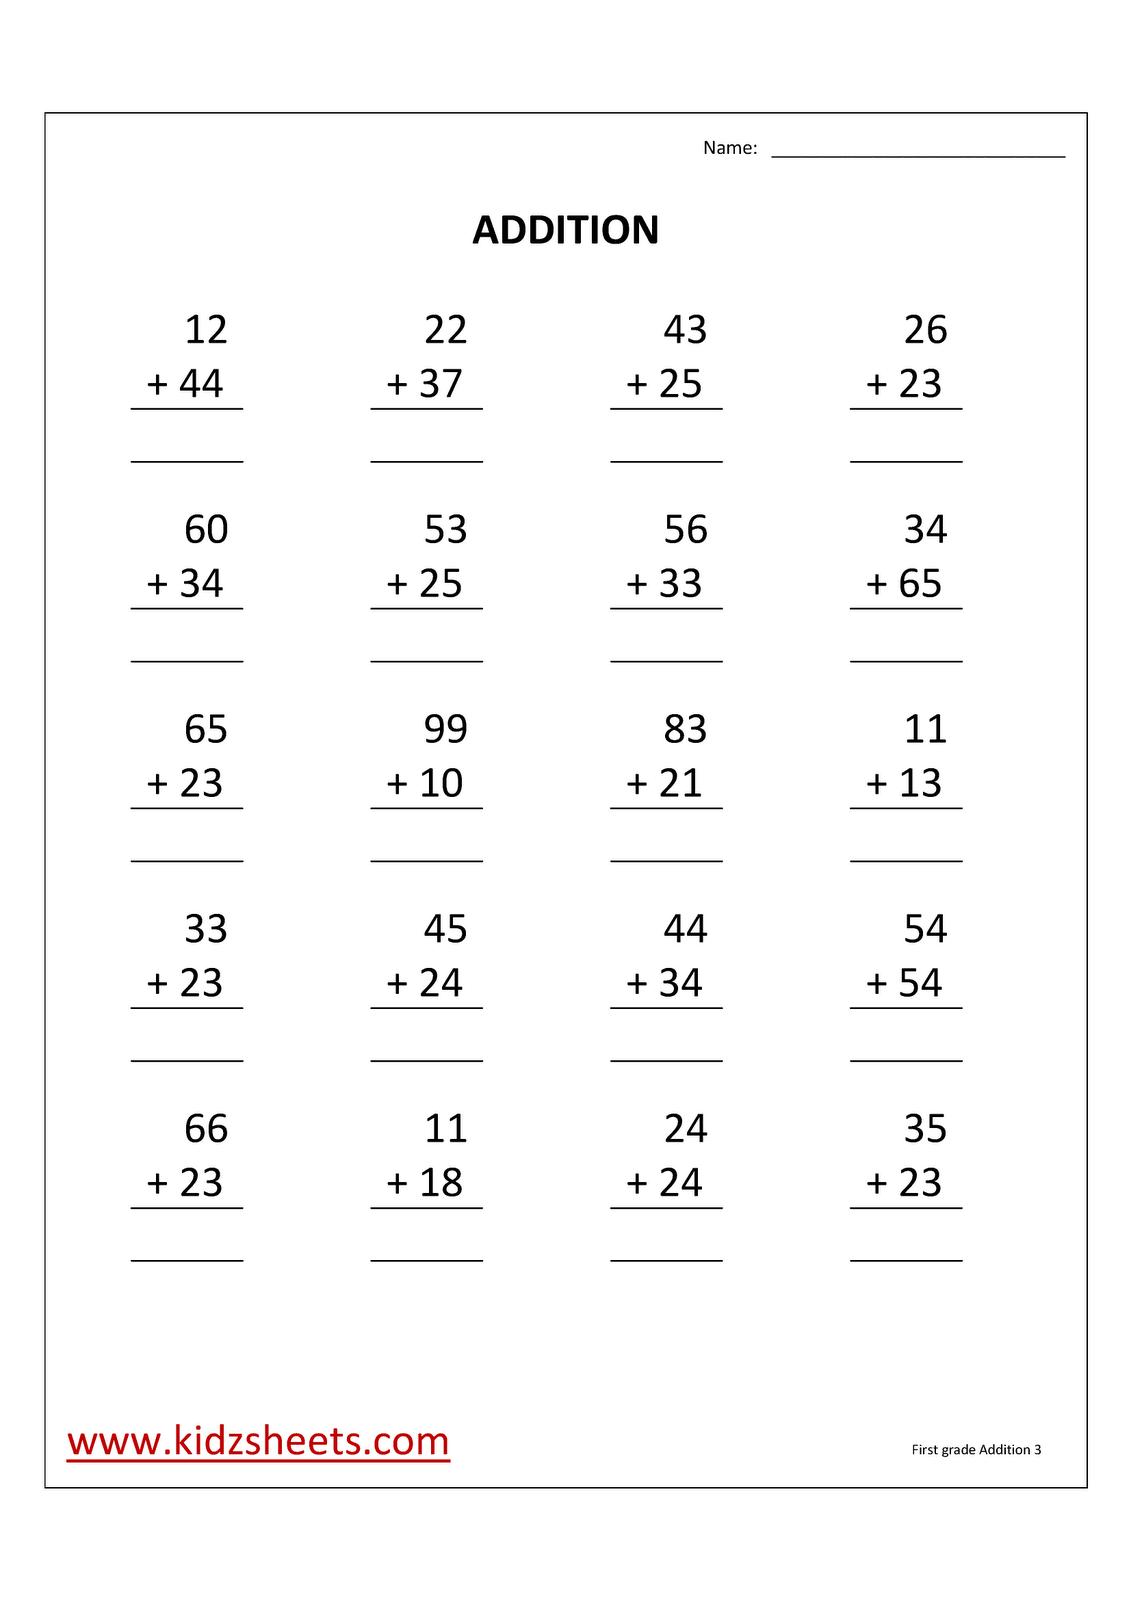 Addition Worksheets For Grade 3